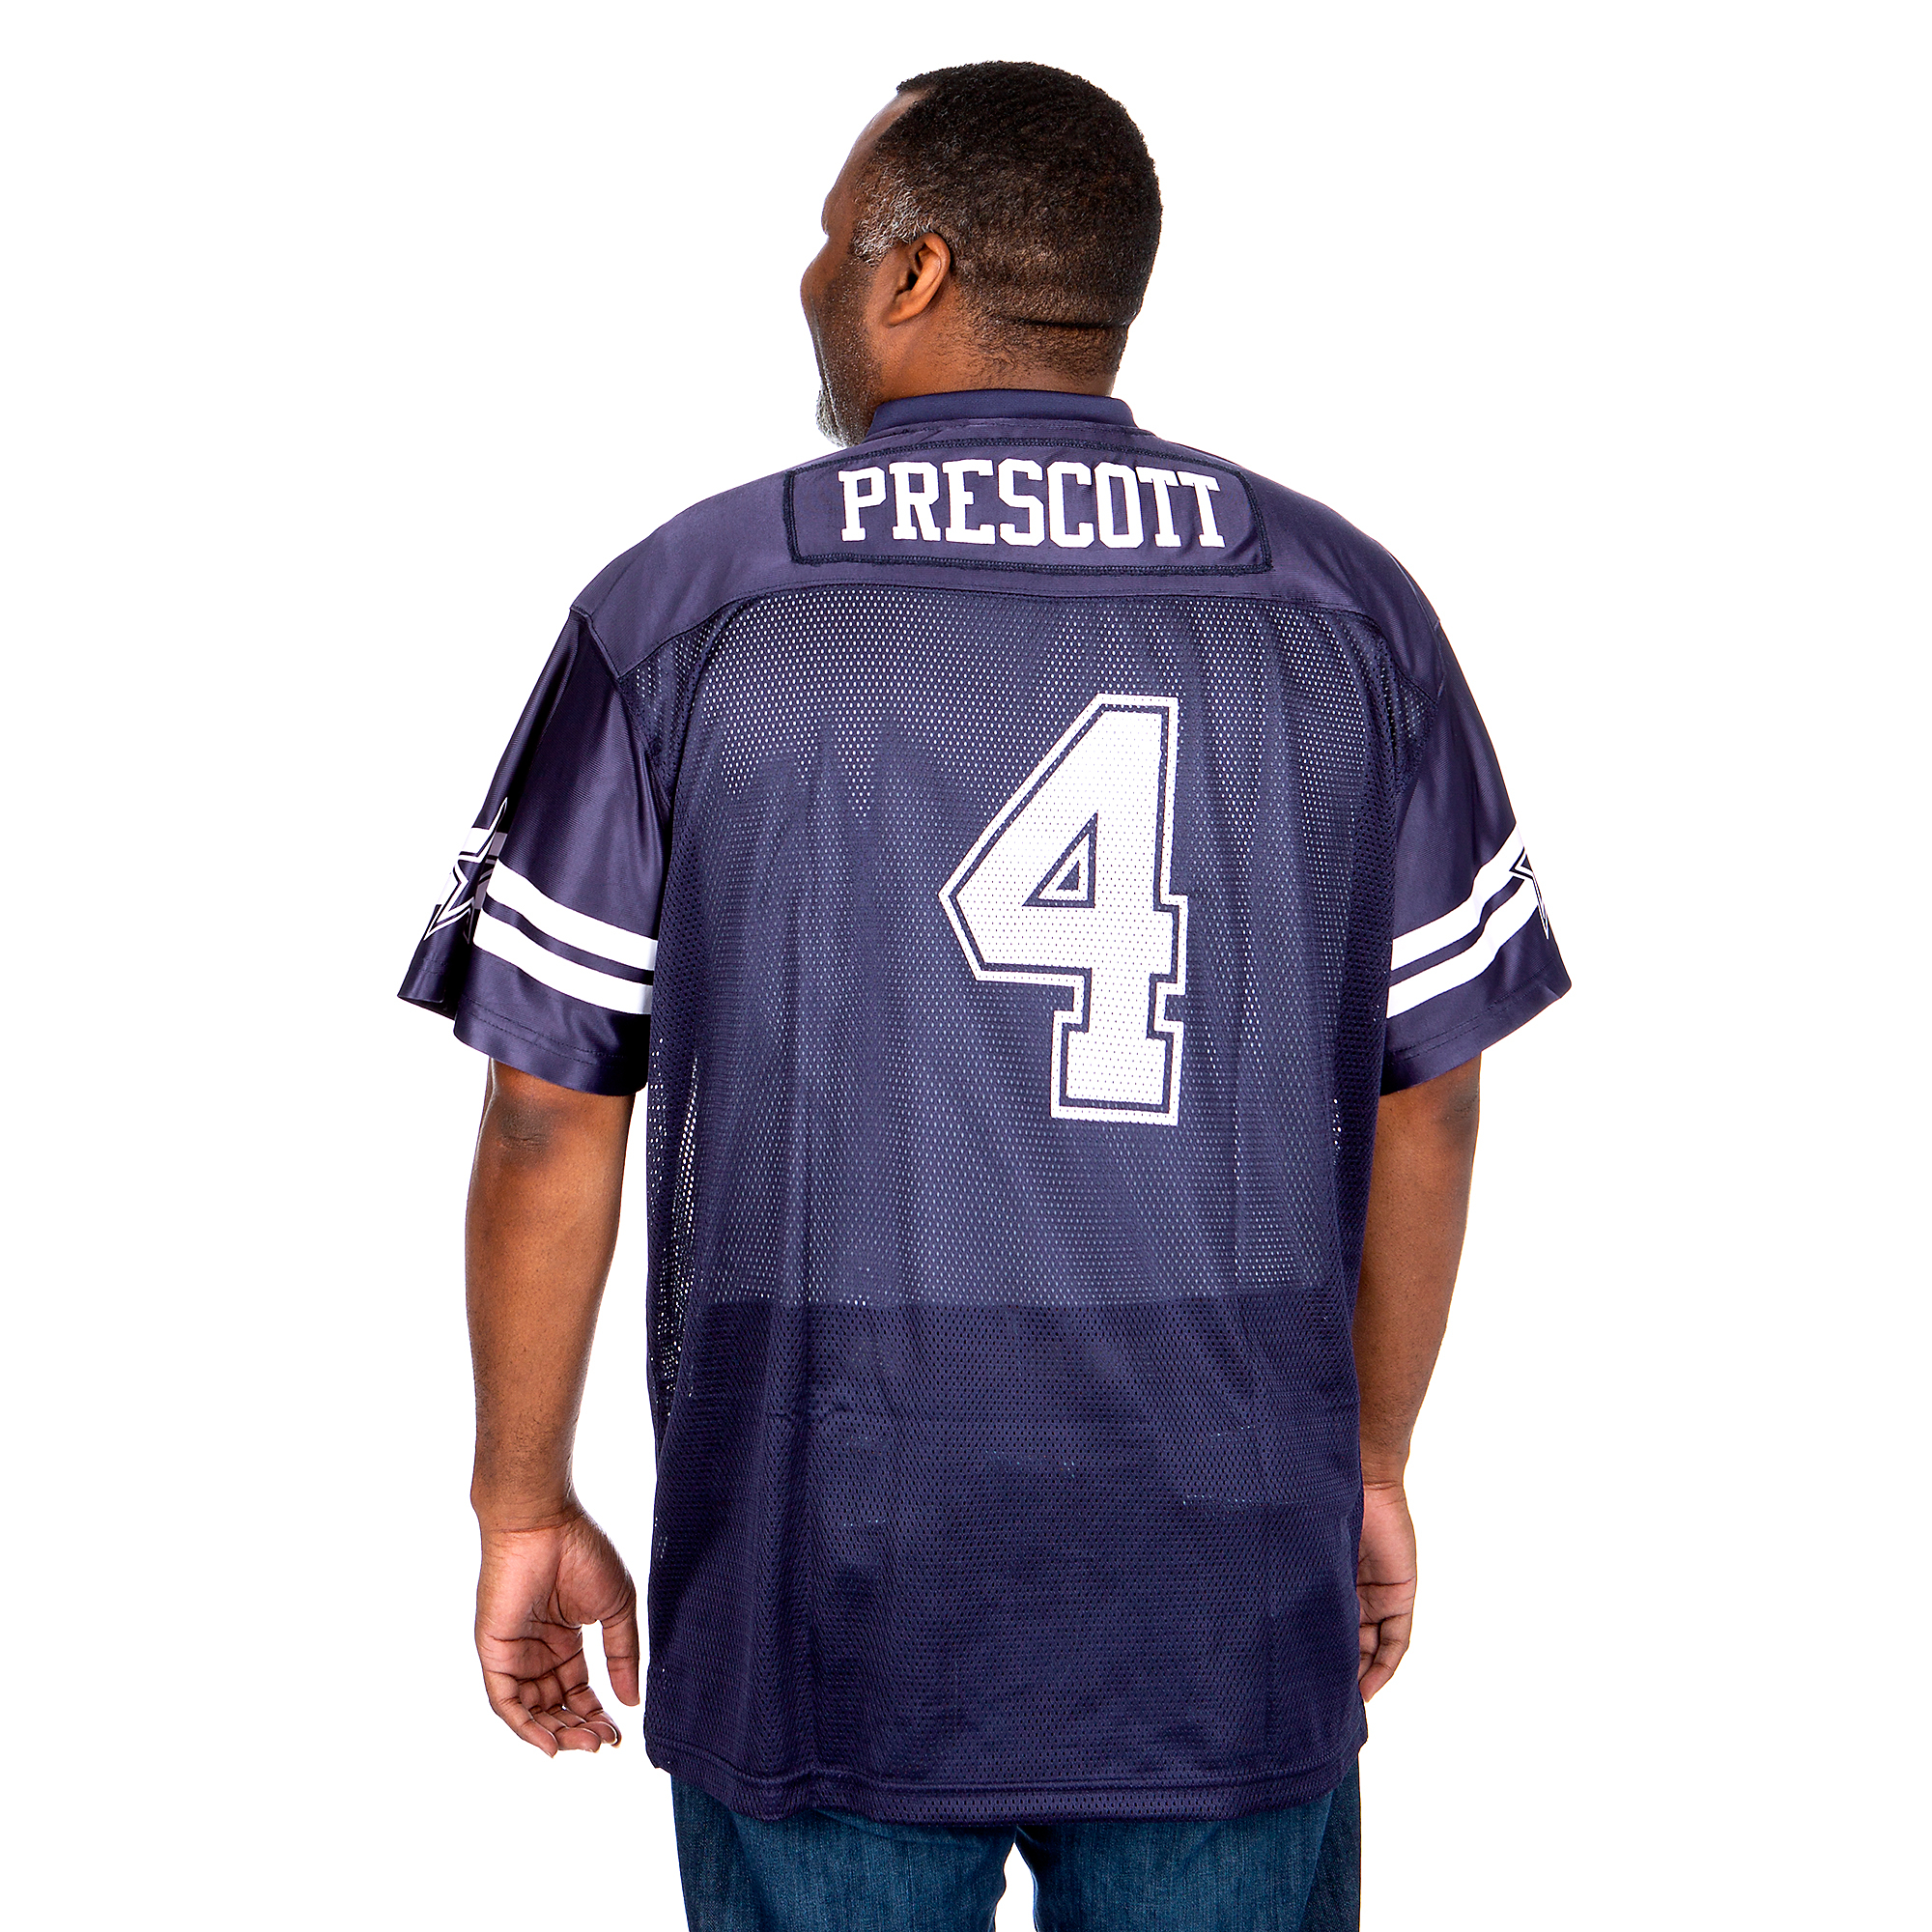 hot sale online 46344 3114a Dallas Cowboys Big and Tall Dak Prescott Jersey | Fans United